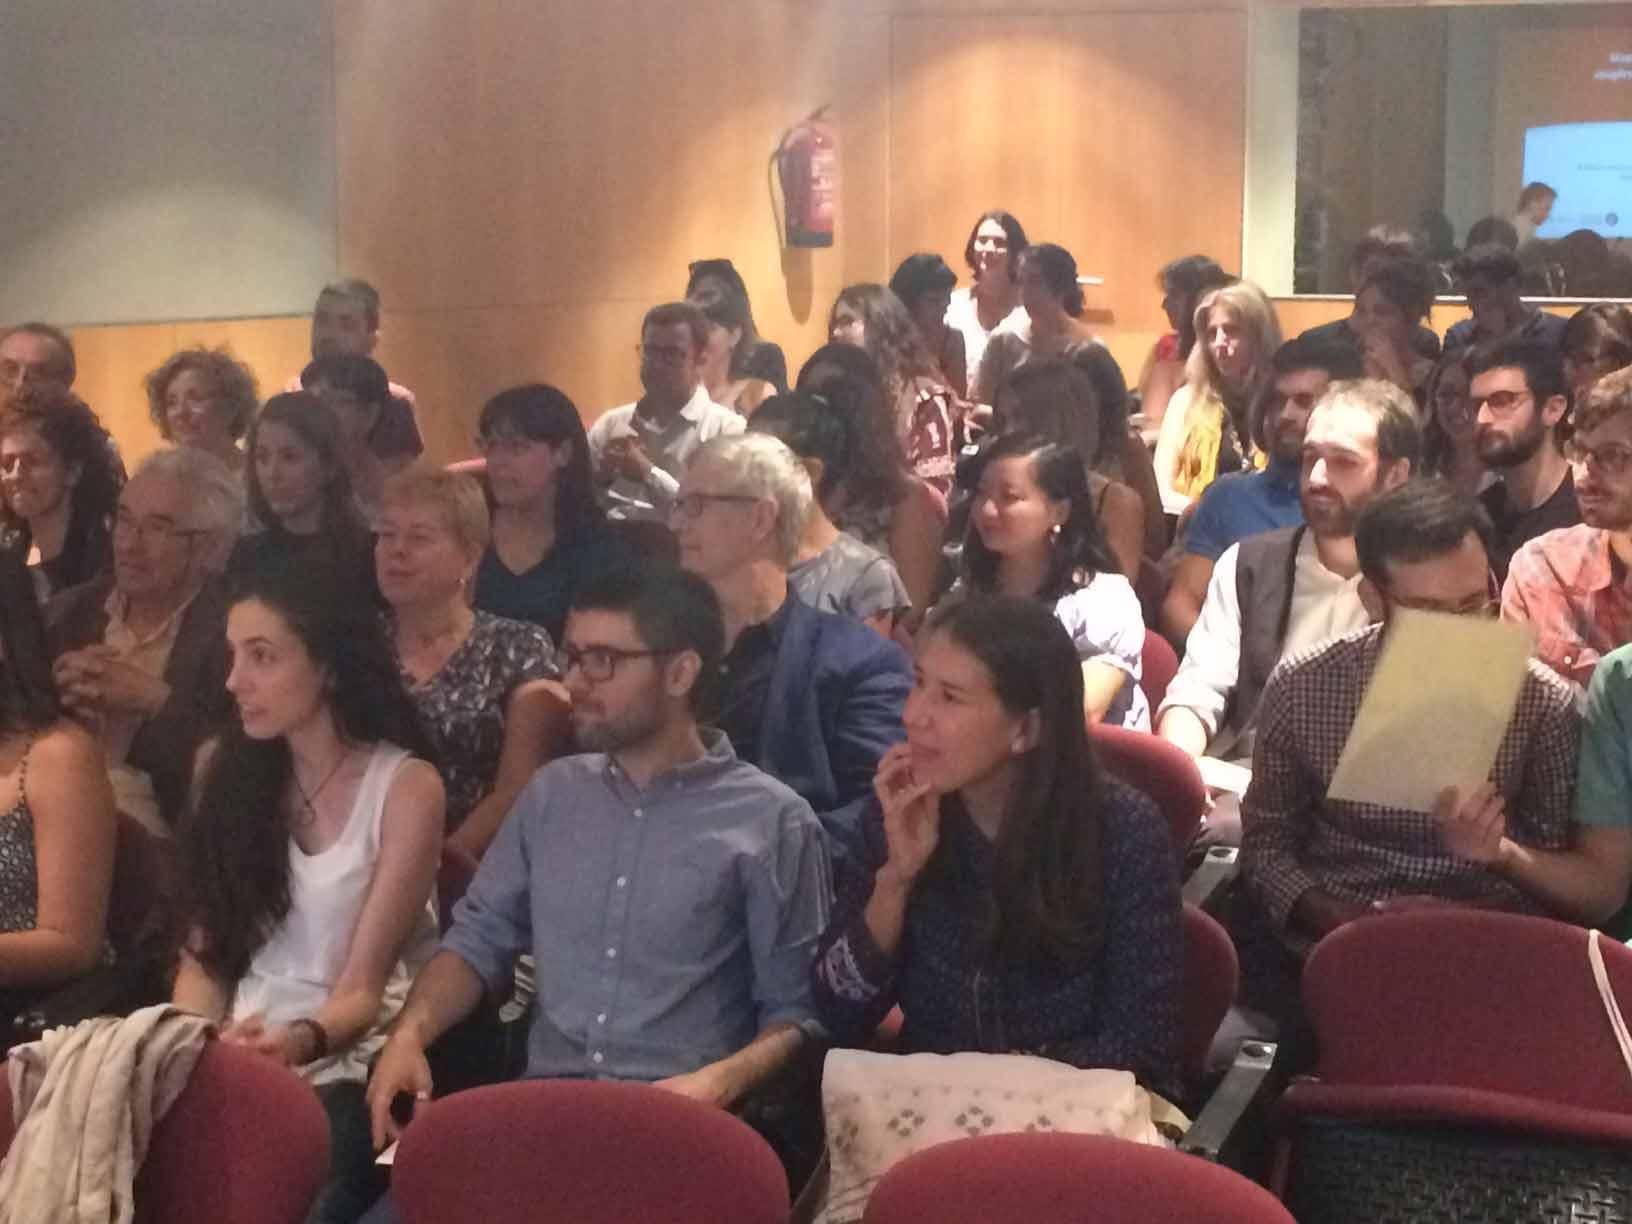 Alumnes assistents a la sessió inaugural del Màster de Gestió del Patrimoni Cultural i Museologia de la Universitat de Barcelona, el 16 de setembre de 2016 a l'Auditori de l'Institut del Teatre